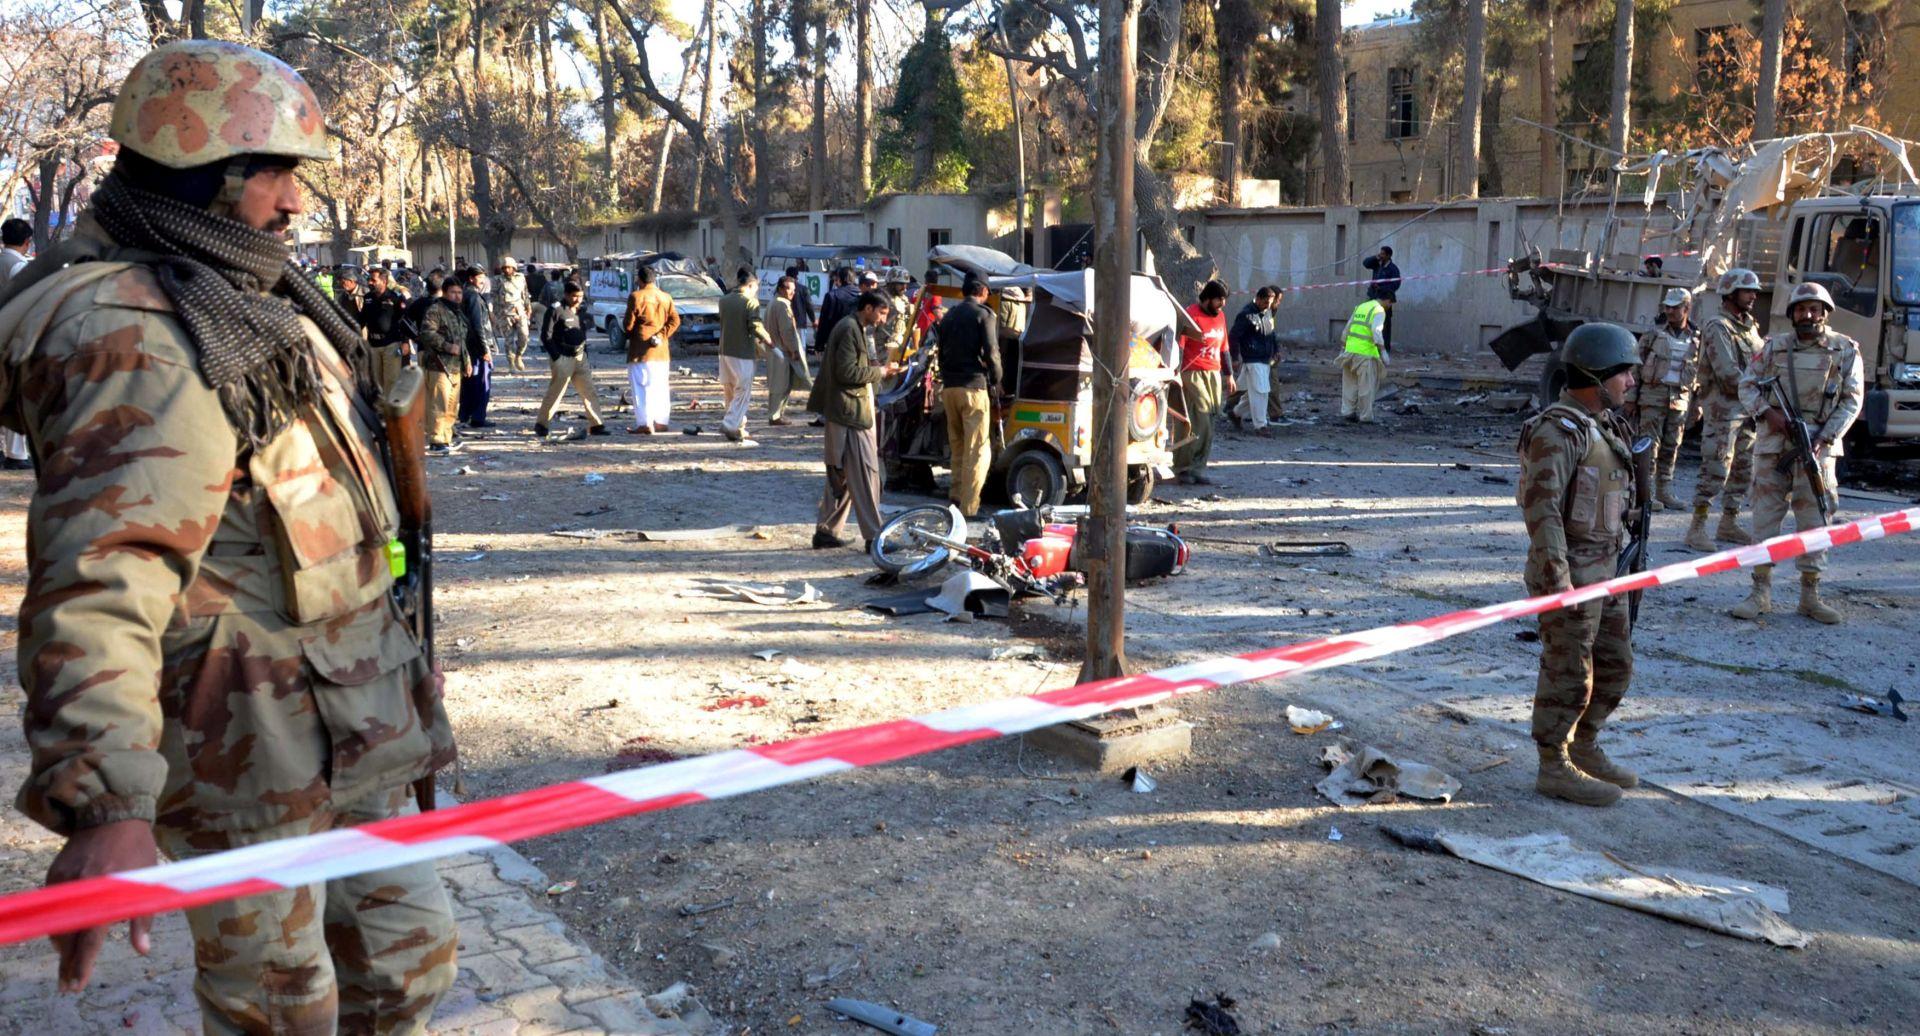 SUKOBI VOJSKE I POBUNJENIKA: U Pakistanu ubijeno 34 militanata i četiri vojnika